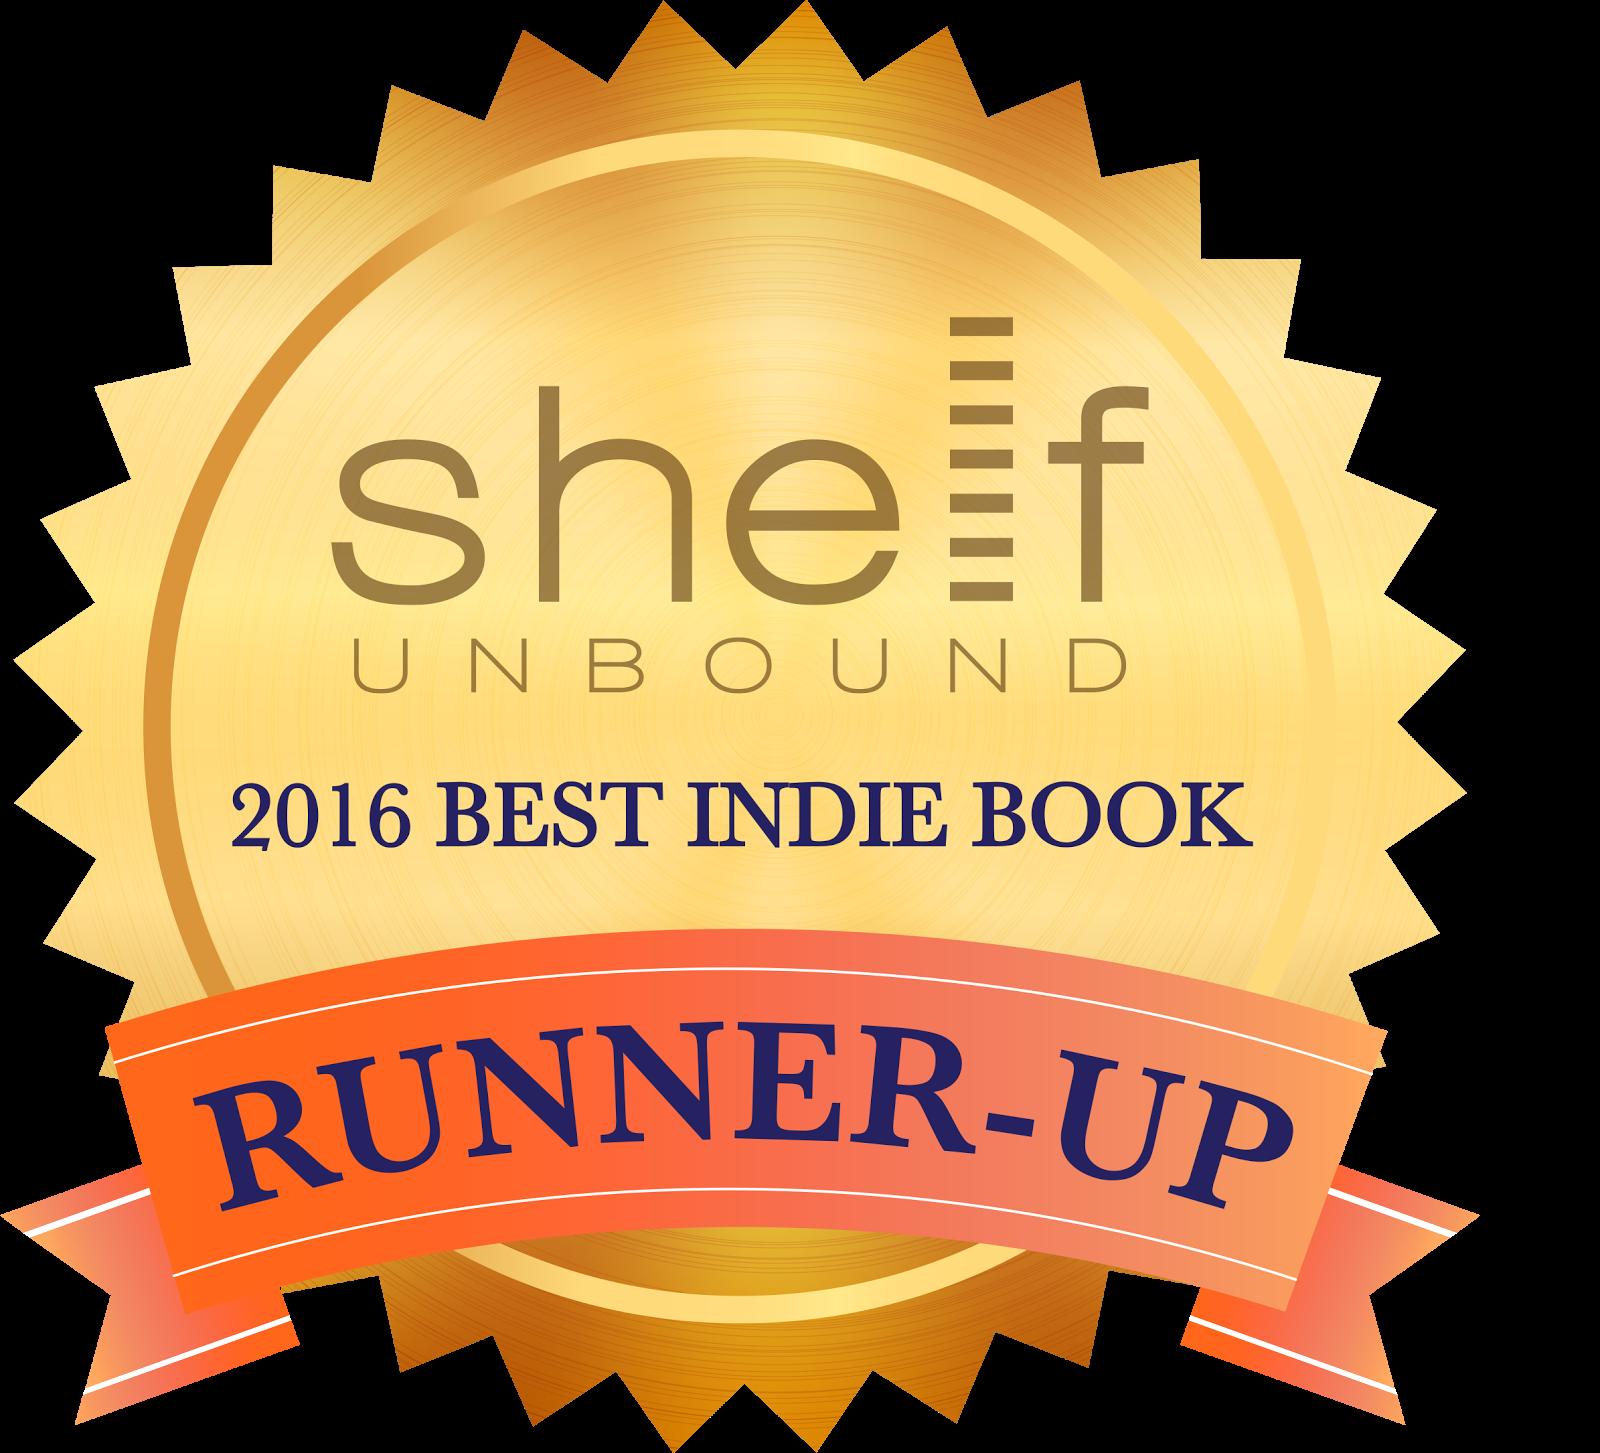 Shelf Unbound